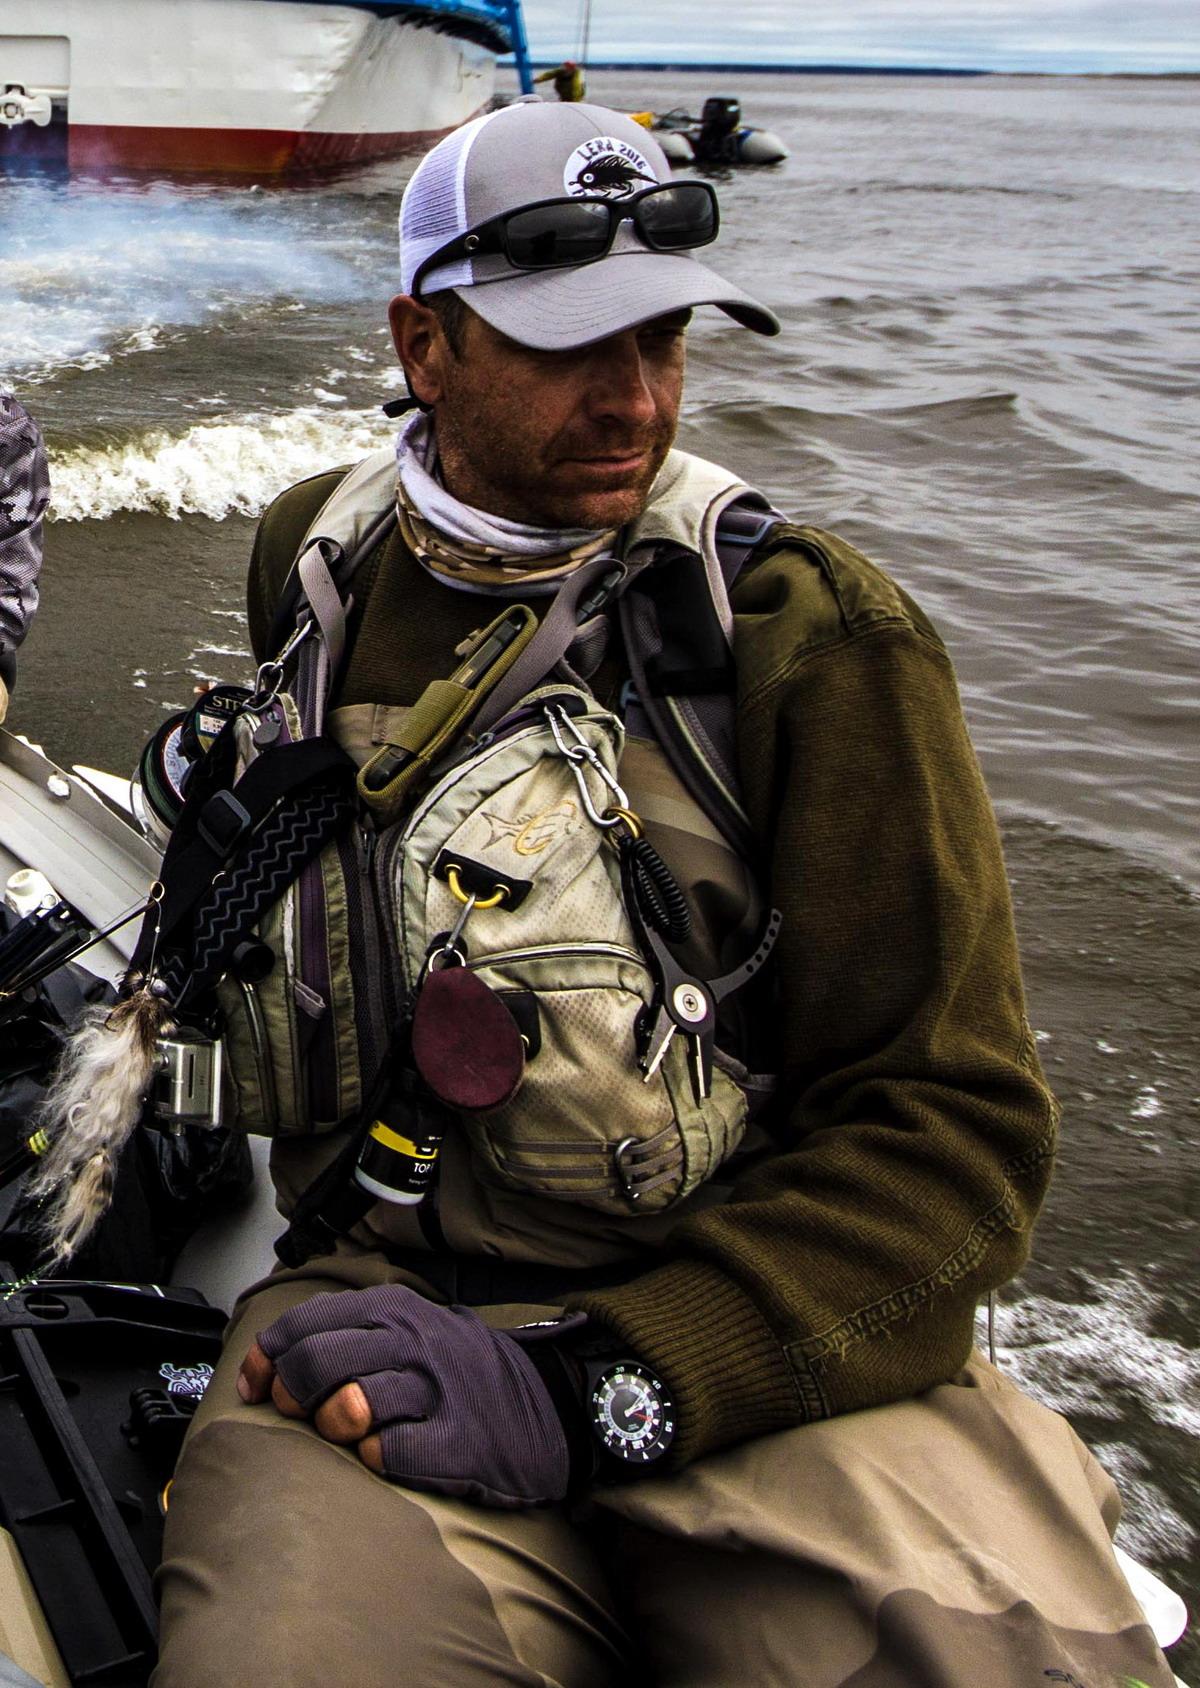 Entusiasta pescador de mosca y mosca de nivel de edad de 12 años amor combinados de la pesca con guía turístico para crear servicios de pesca guiar Lustrik. Se siente realmente el privilegio de nacer y vivir en Eslovenia, un país que puede ofrecer tan amplia variedad de opciones de pesca. Su pasión lo largo de los años se convirtió en Huchen y Taimen pesca. Diseñador y propietario de la patente de señuelos Huchen. Pioneer pescador de mosca para Huchen en Eslovenia y en otras partes de Europa.